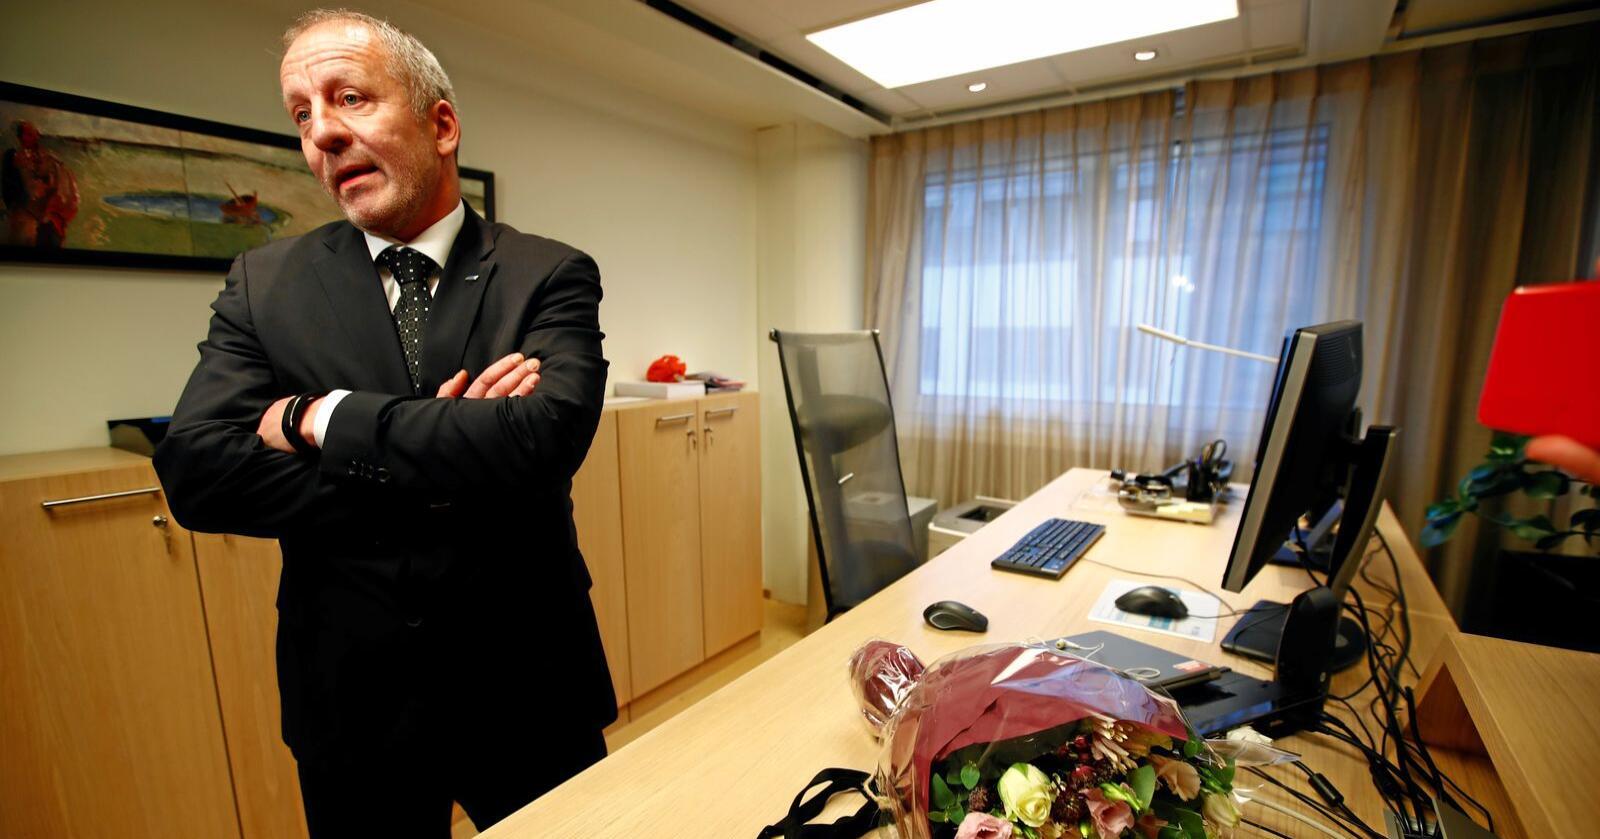 Ryddig: Fiskeriminister Geir Inge Sivertsen ble sendt hjem fo rå rydde opp etter seg. Det ryddigste hadde vært å trekke seg. Foto: Terje Pedersen/NTB scanpix